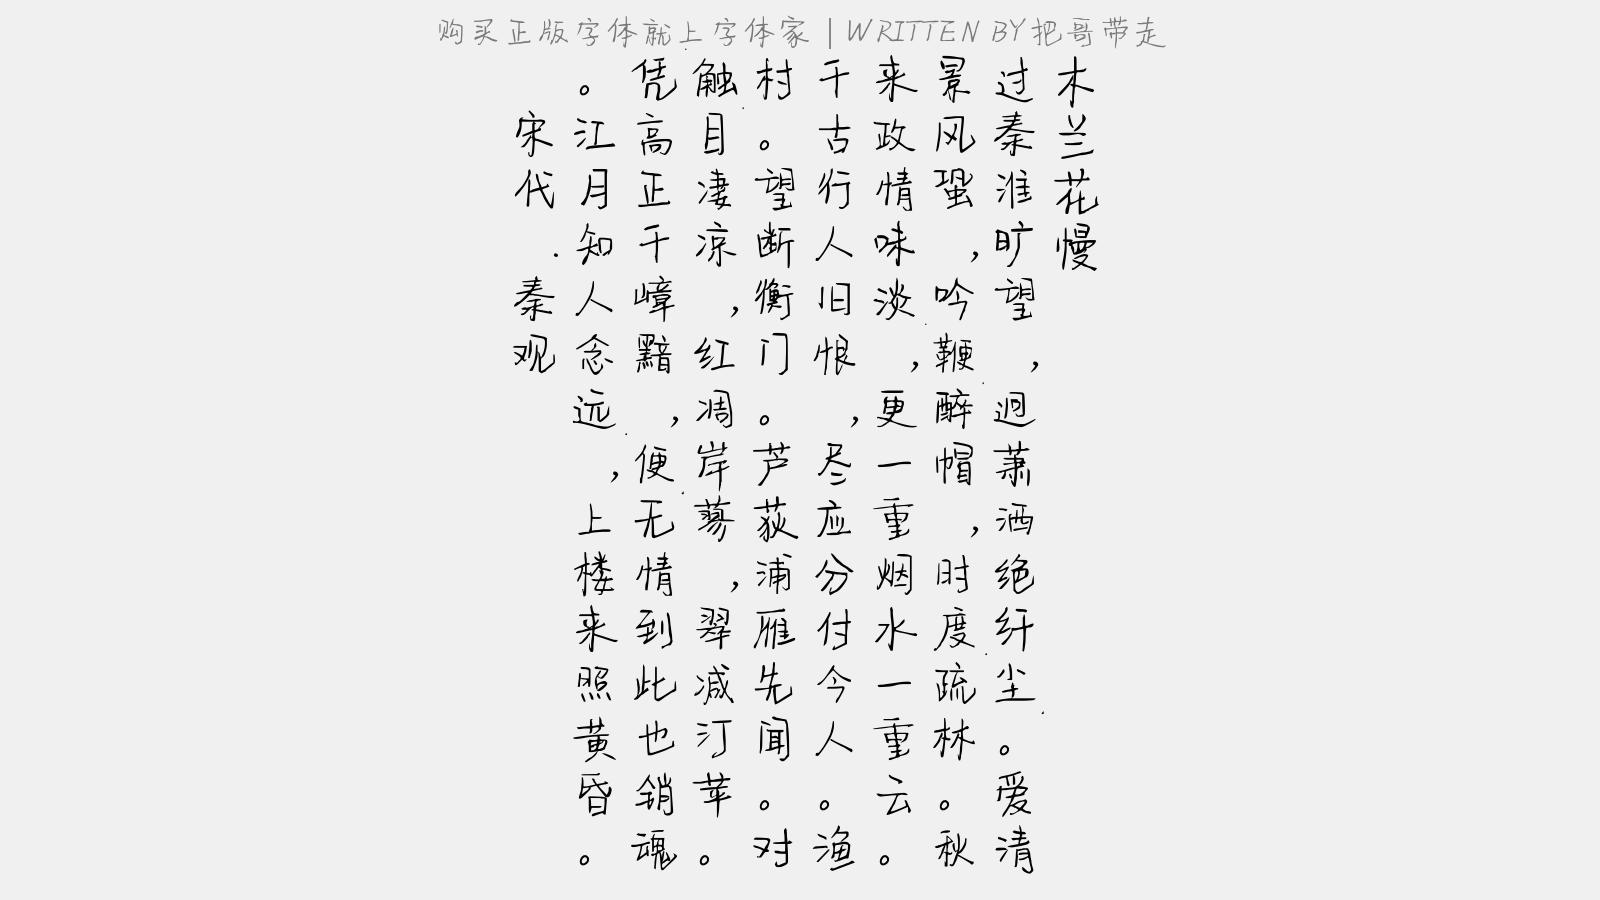 吟花浪哥(_把哥带走正版字体下载正版字体版权买-正版中文字体版权